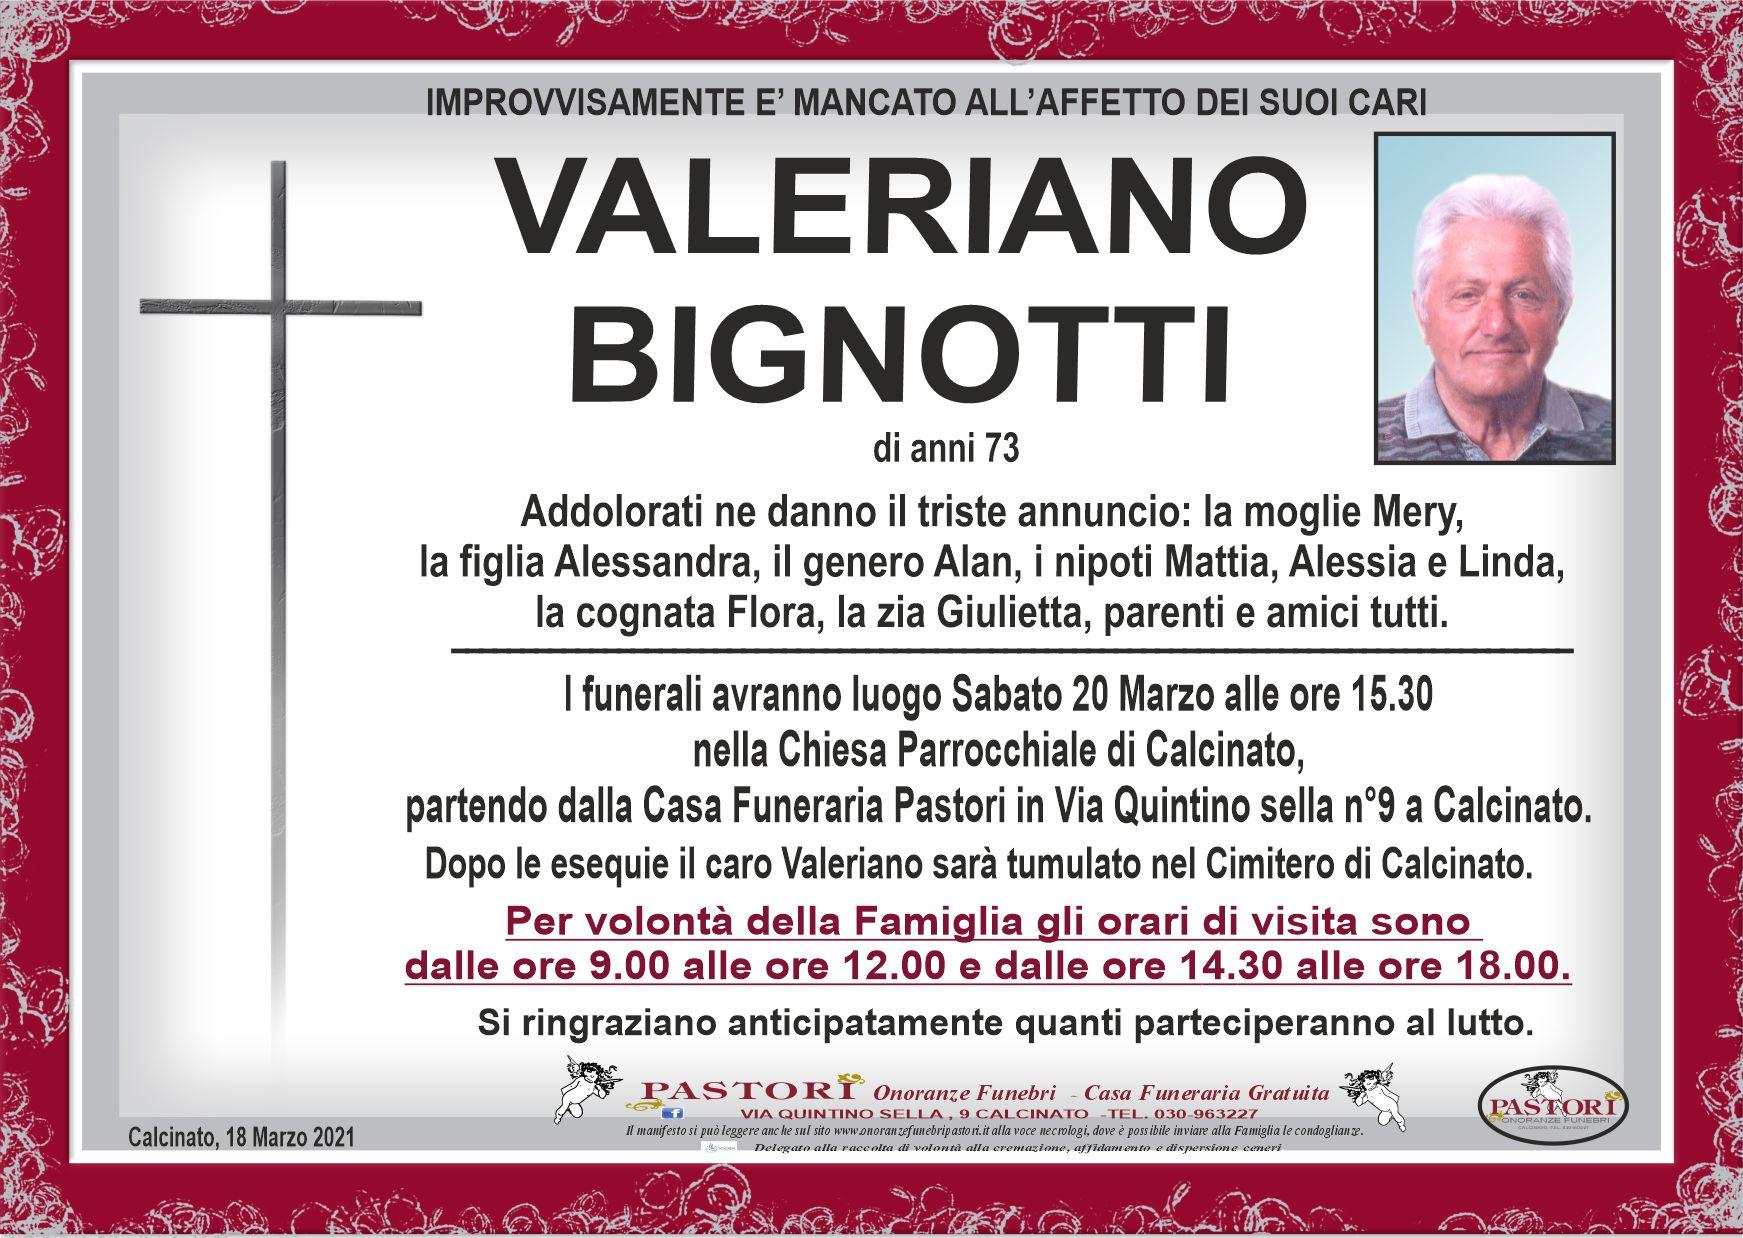 Valeriano Bignotti